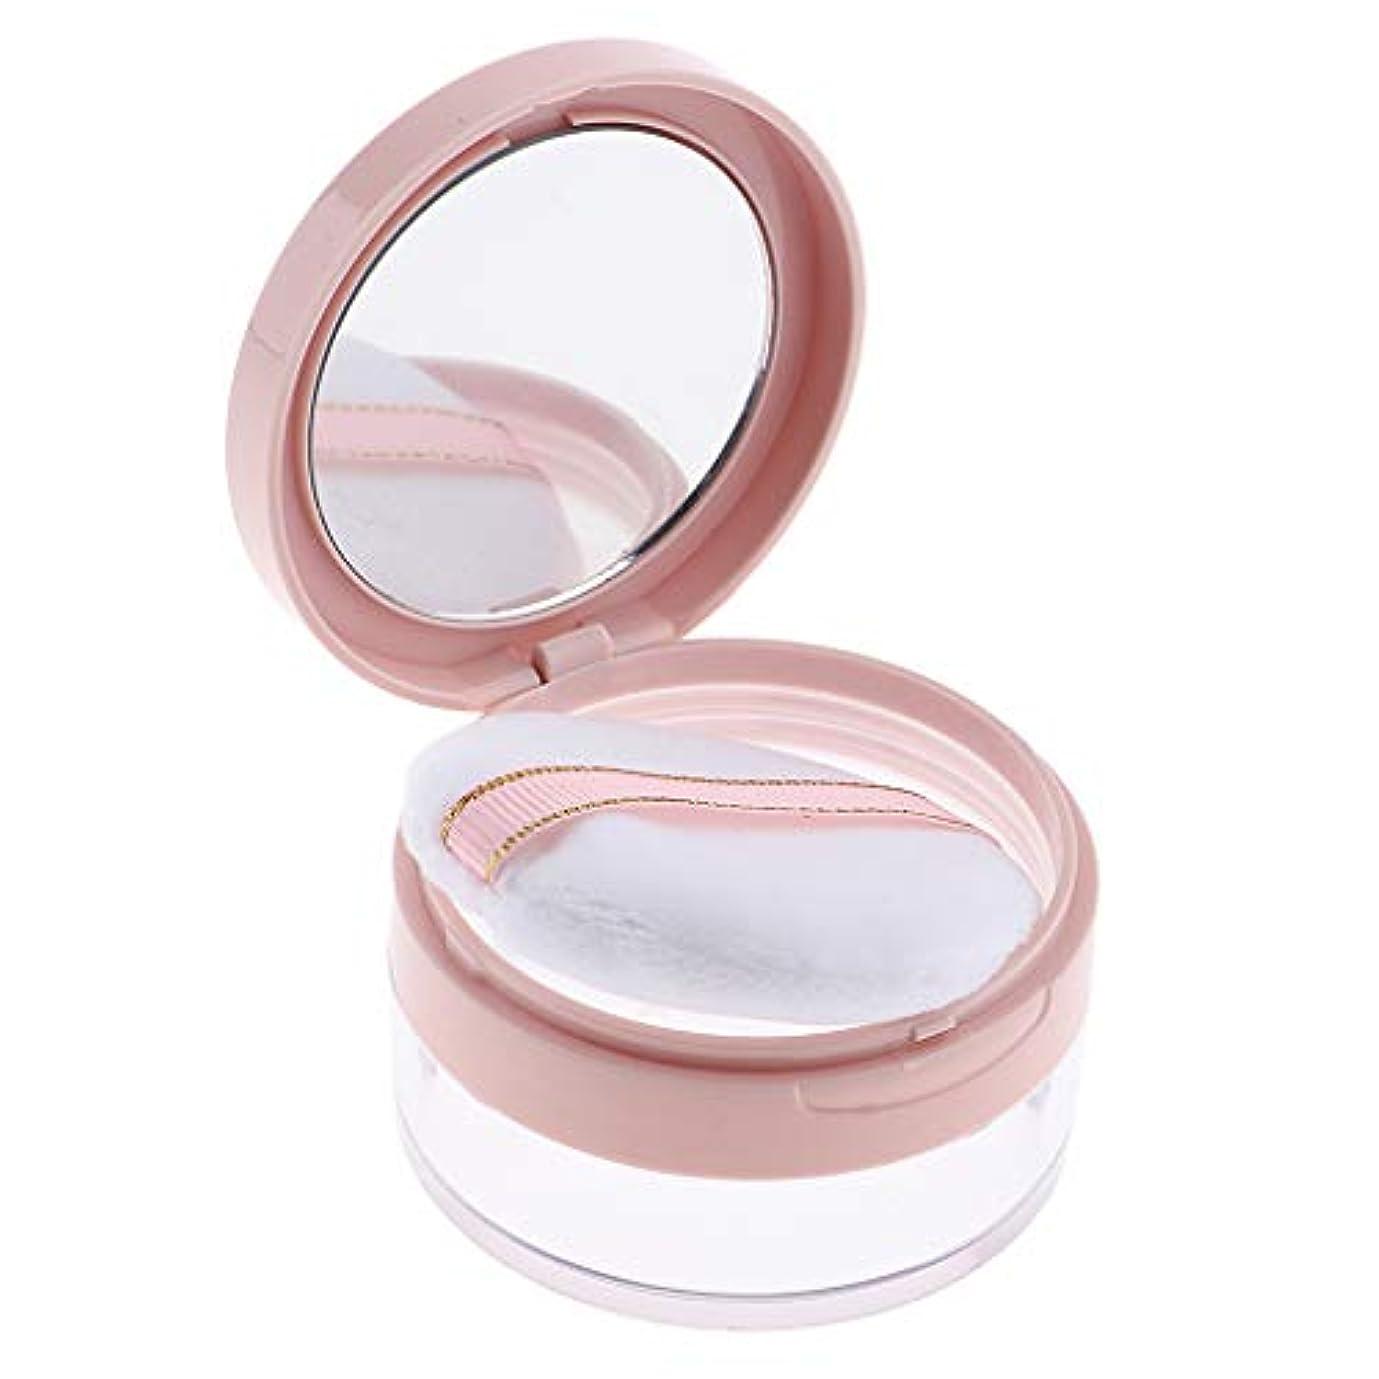 コンピューターを使用する血まみれの近くF Fityle パウダーケース 化粧品 ジャー 鏡 パフ 2色選べ - ピンク